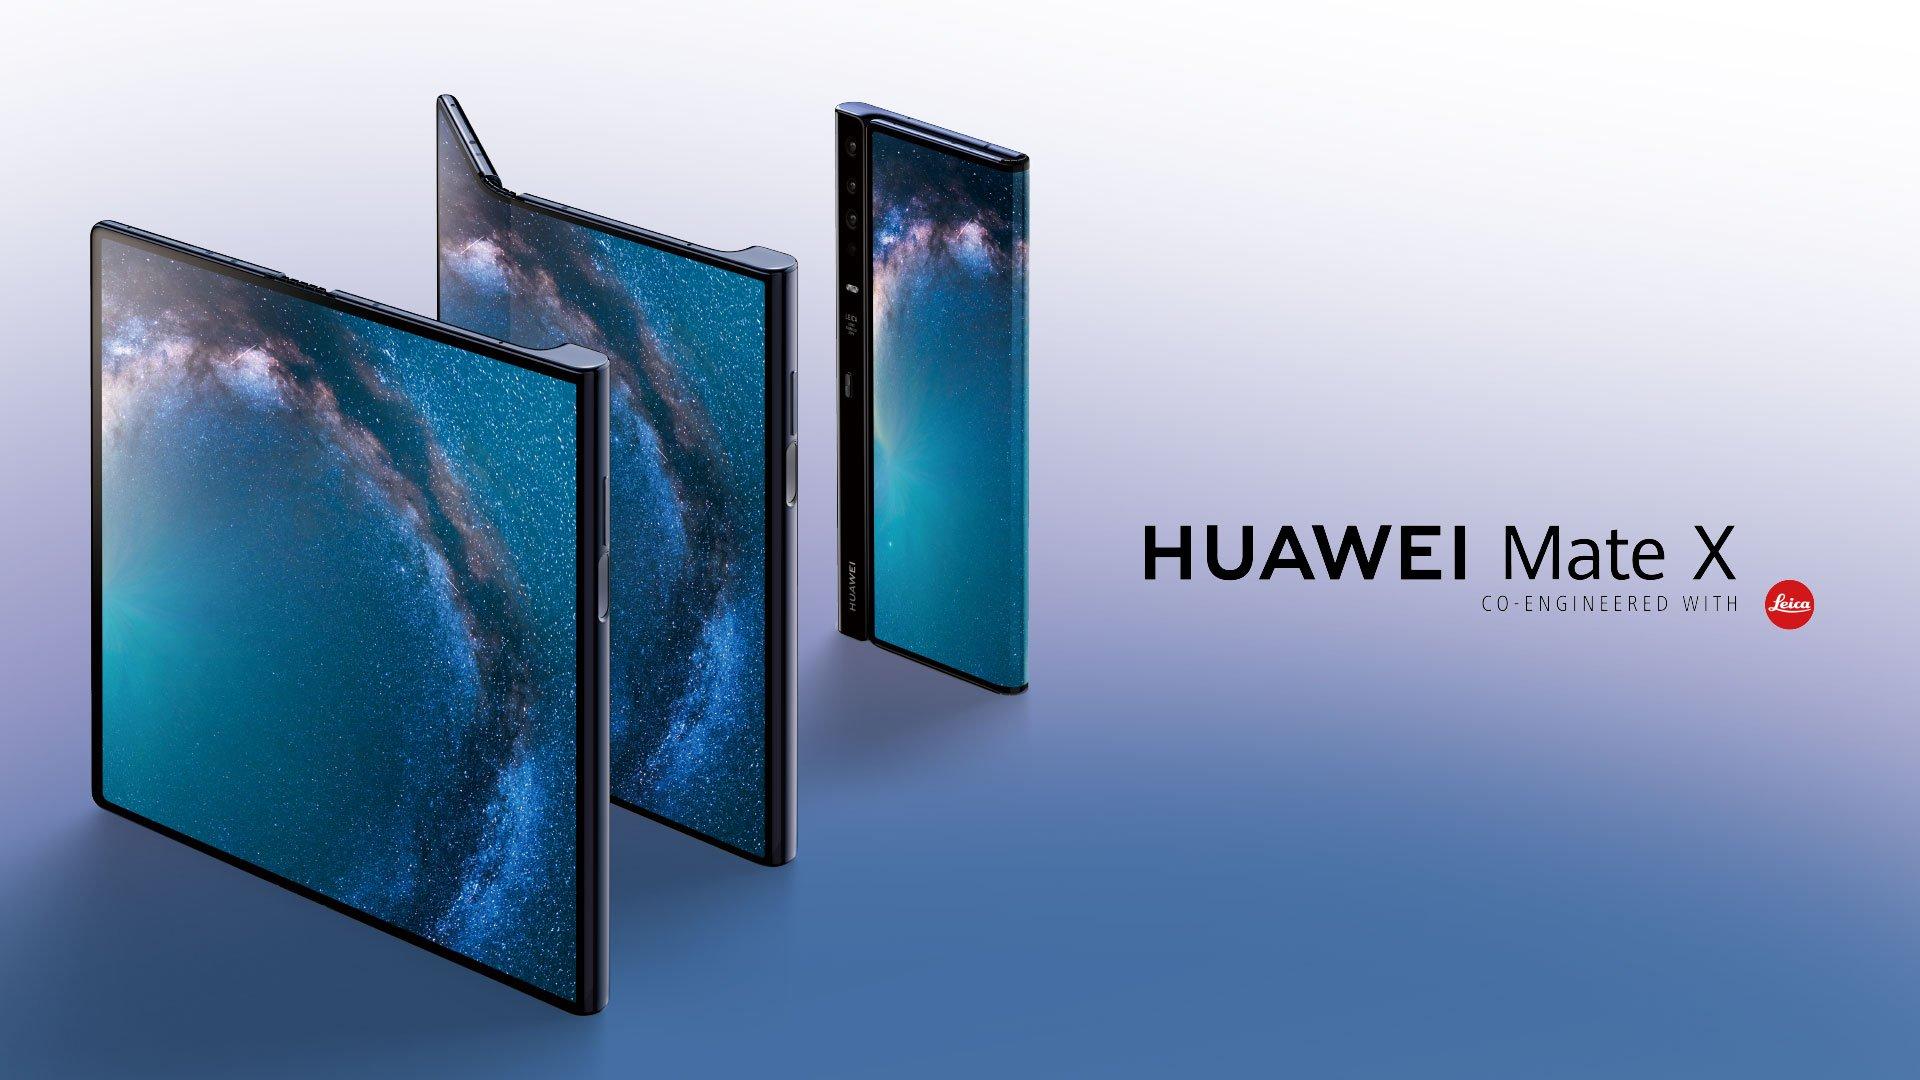 Huawei Mate X oficjalnie zaprezentowany! Suche fakty dla maj±cych ma³o czasu